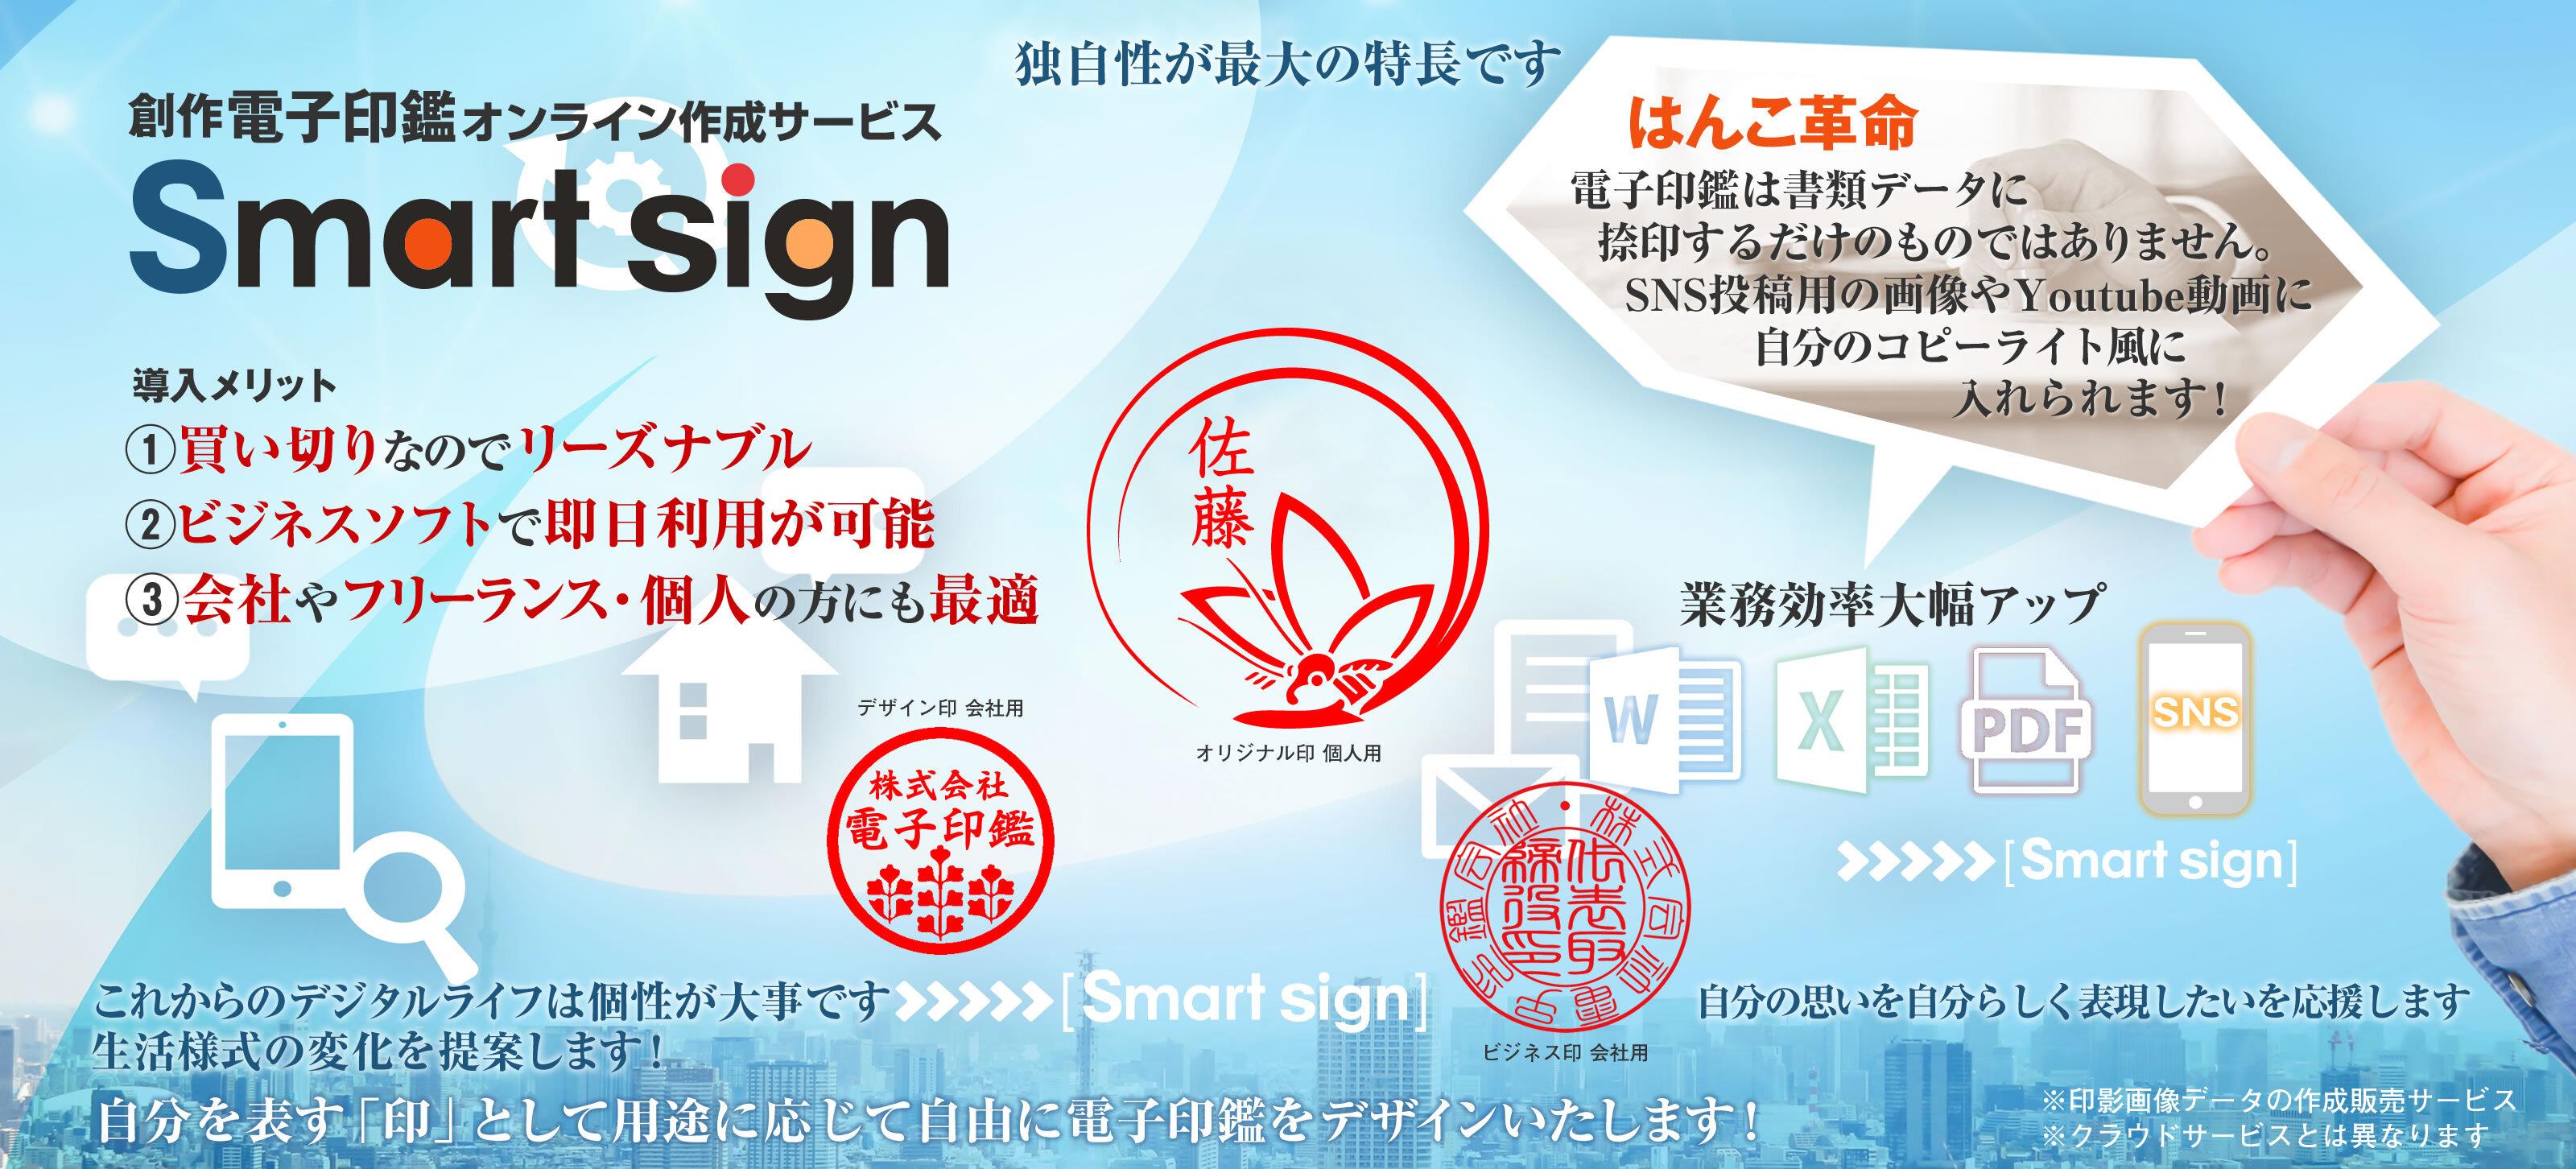 電子印鑑オンライン作成サービス Fashionable electronic seal stamp service